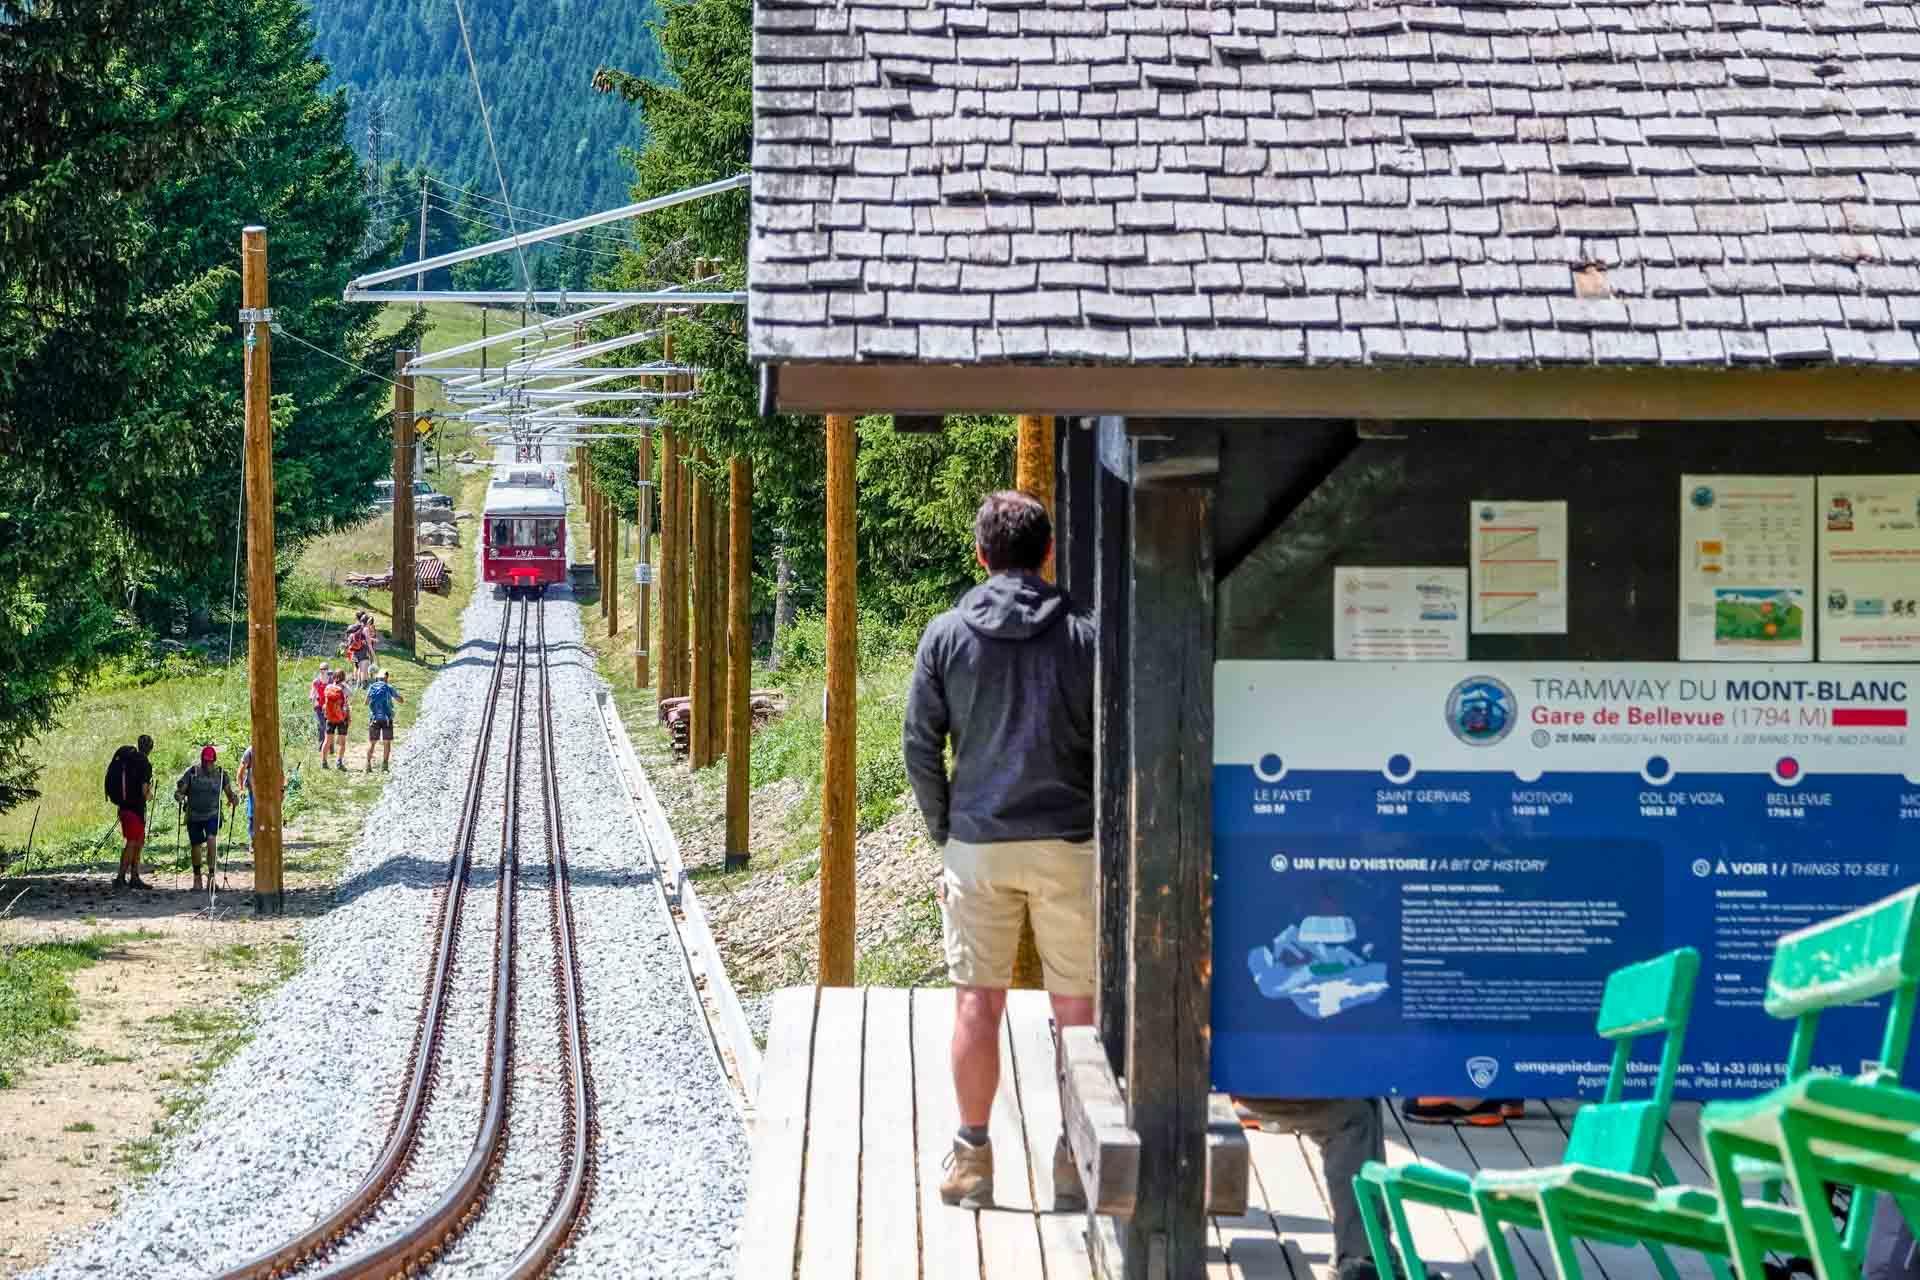 La locomotive Jeanne arrive à la gare de Bellevue © Boris Molinier